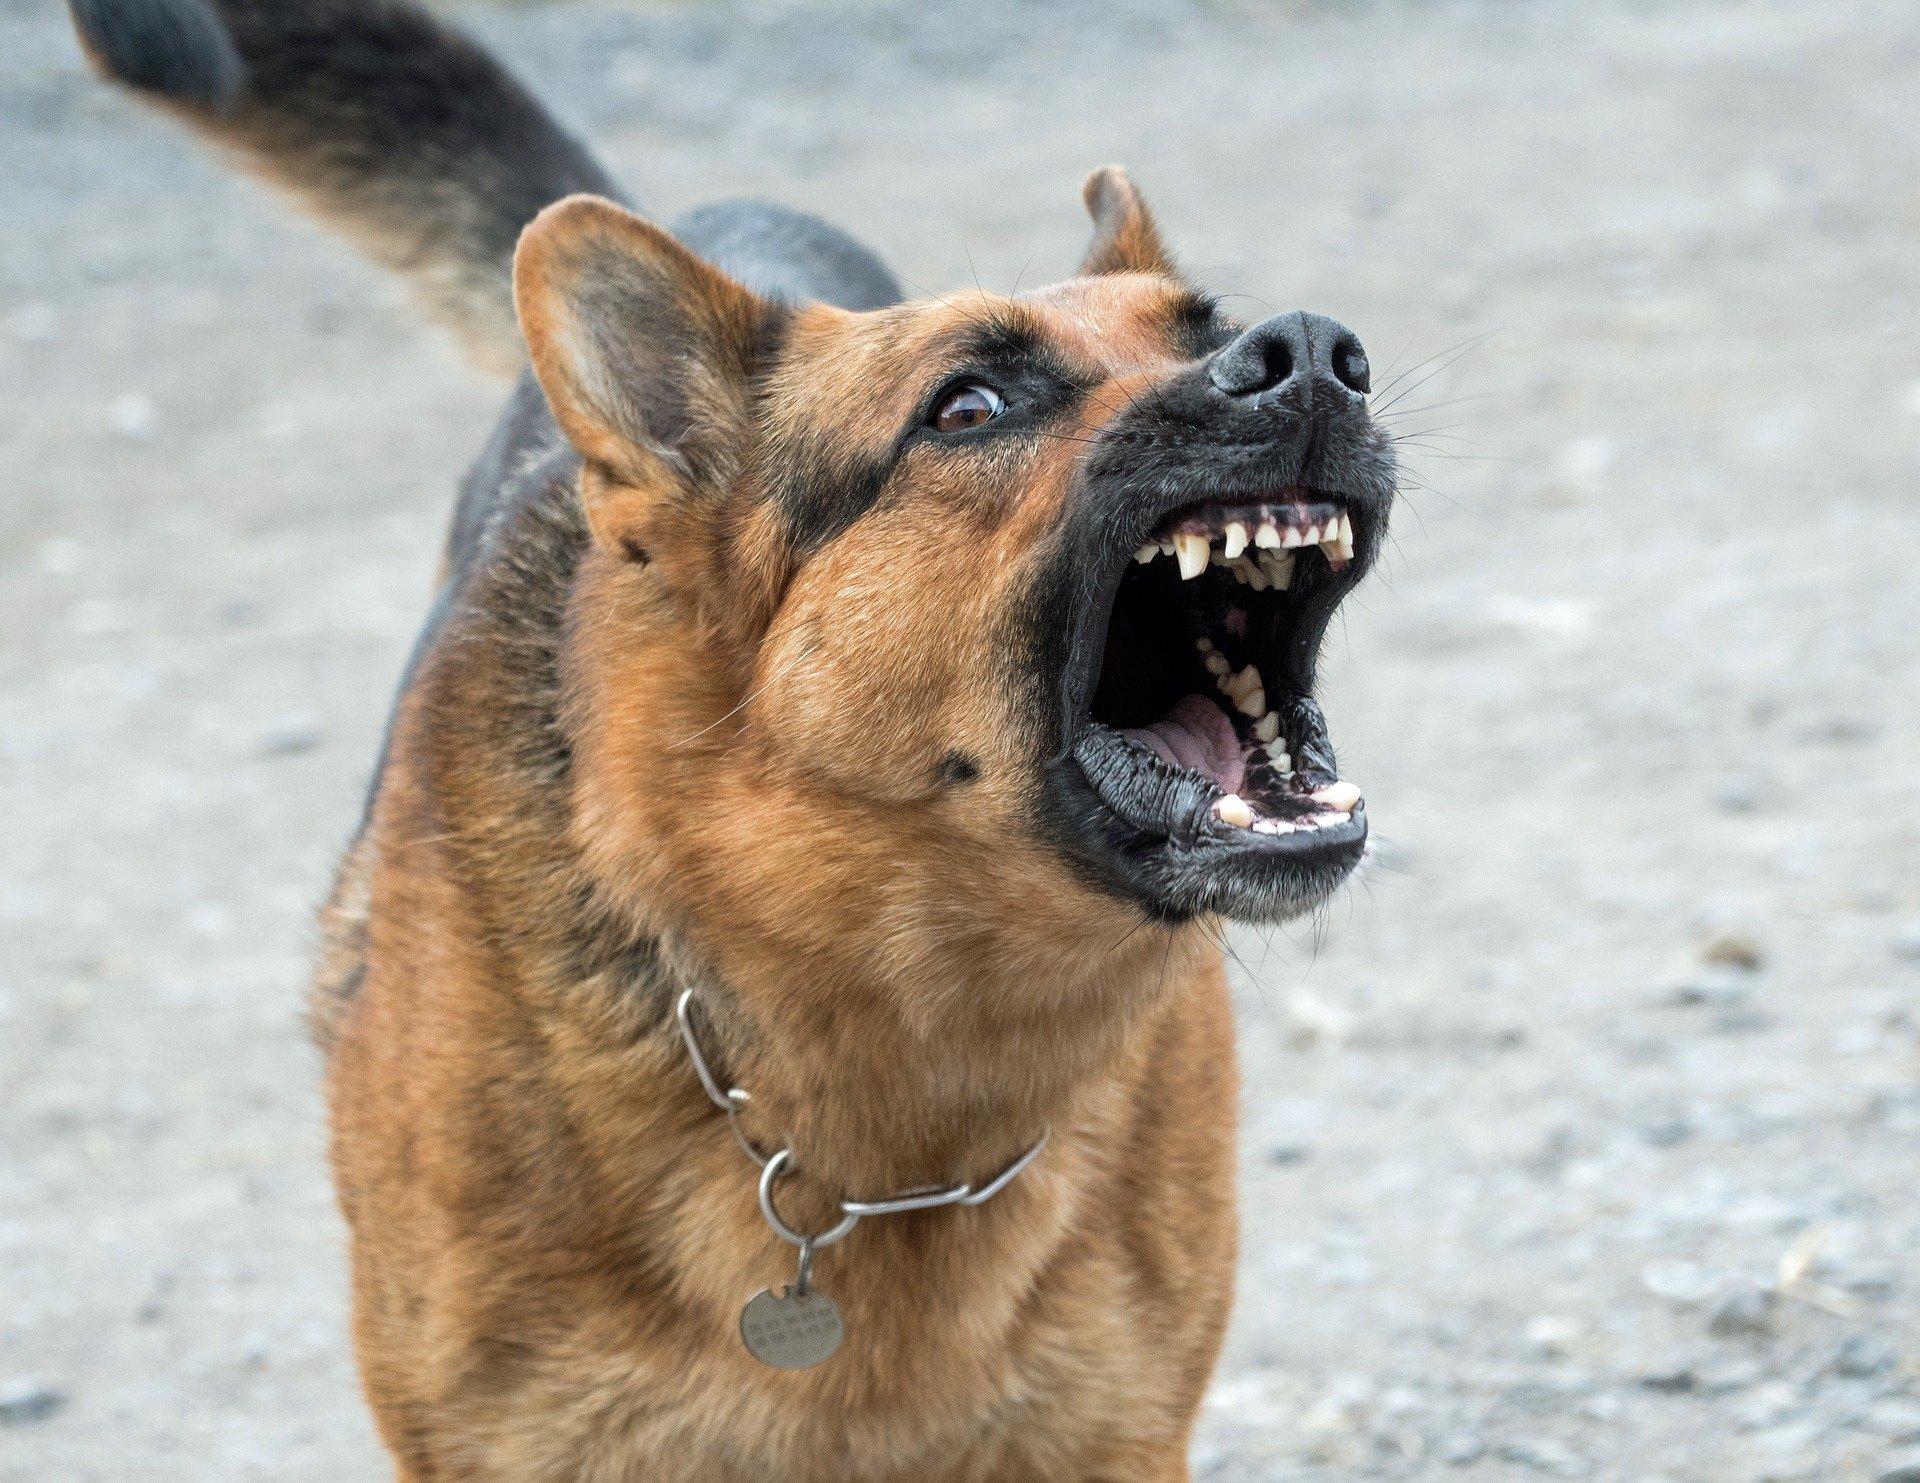 Amendă de 7.500 de lei luată de un bărbat din Brăila, după ce câinii săi au omorât un alt patruped!